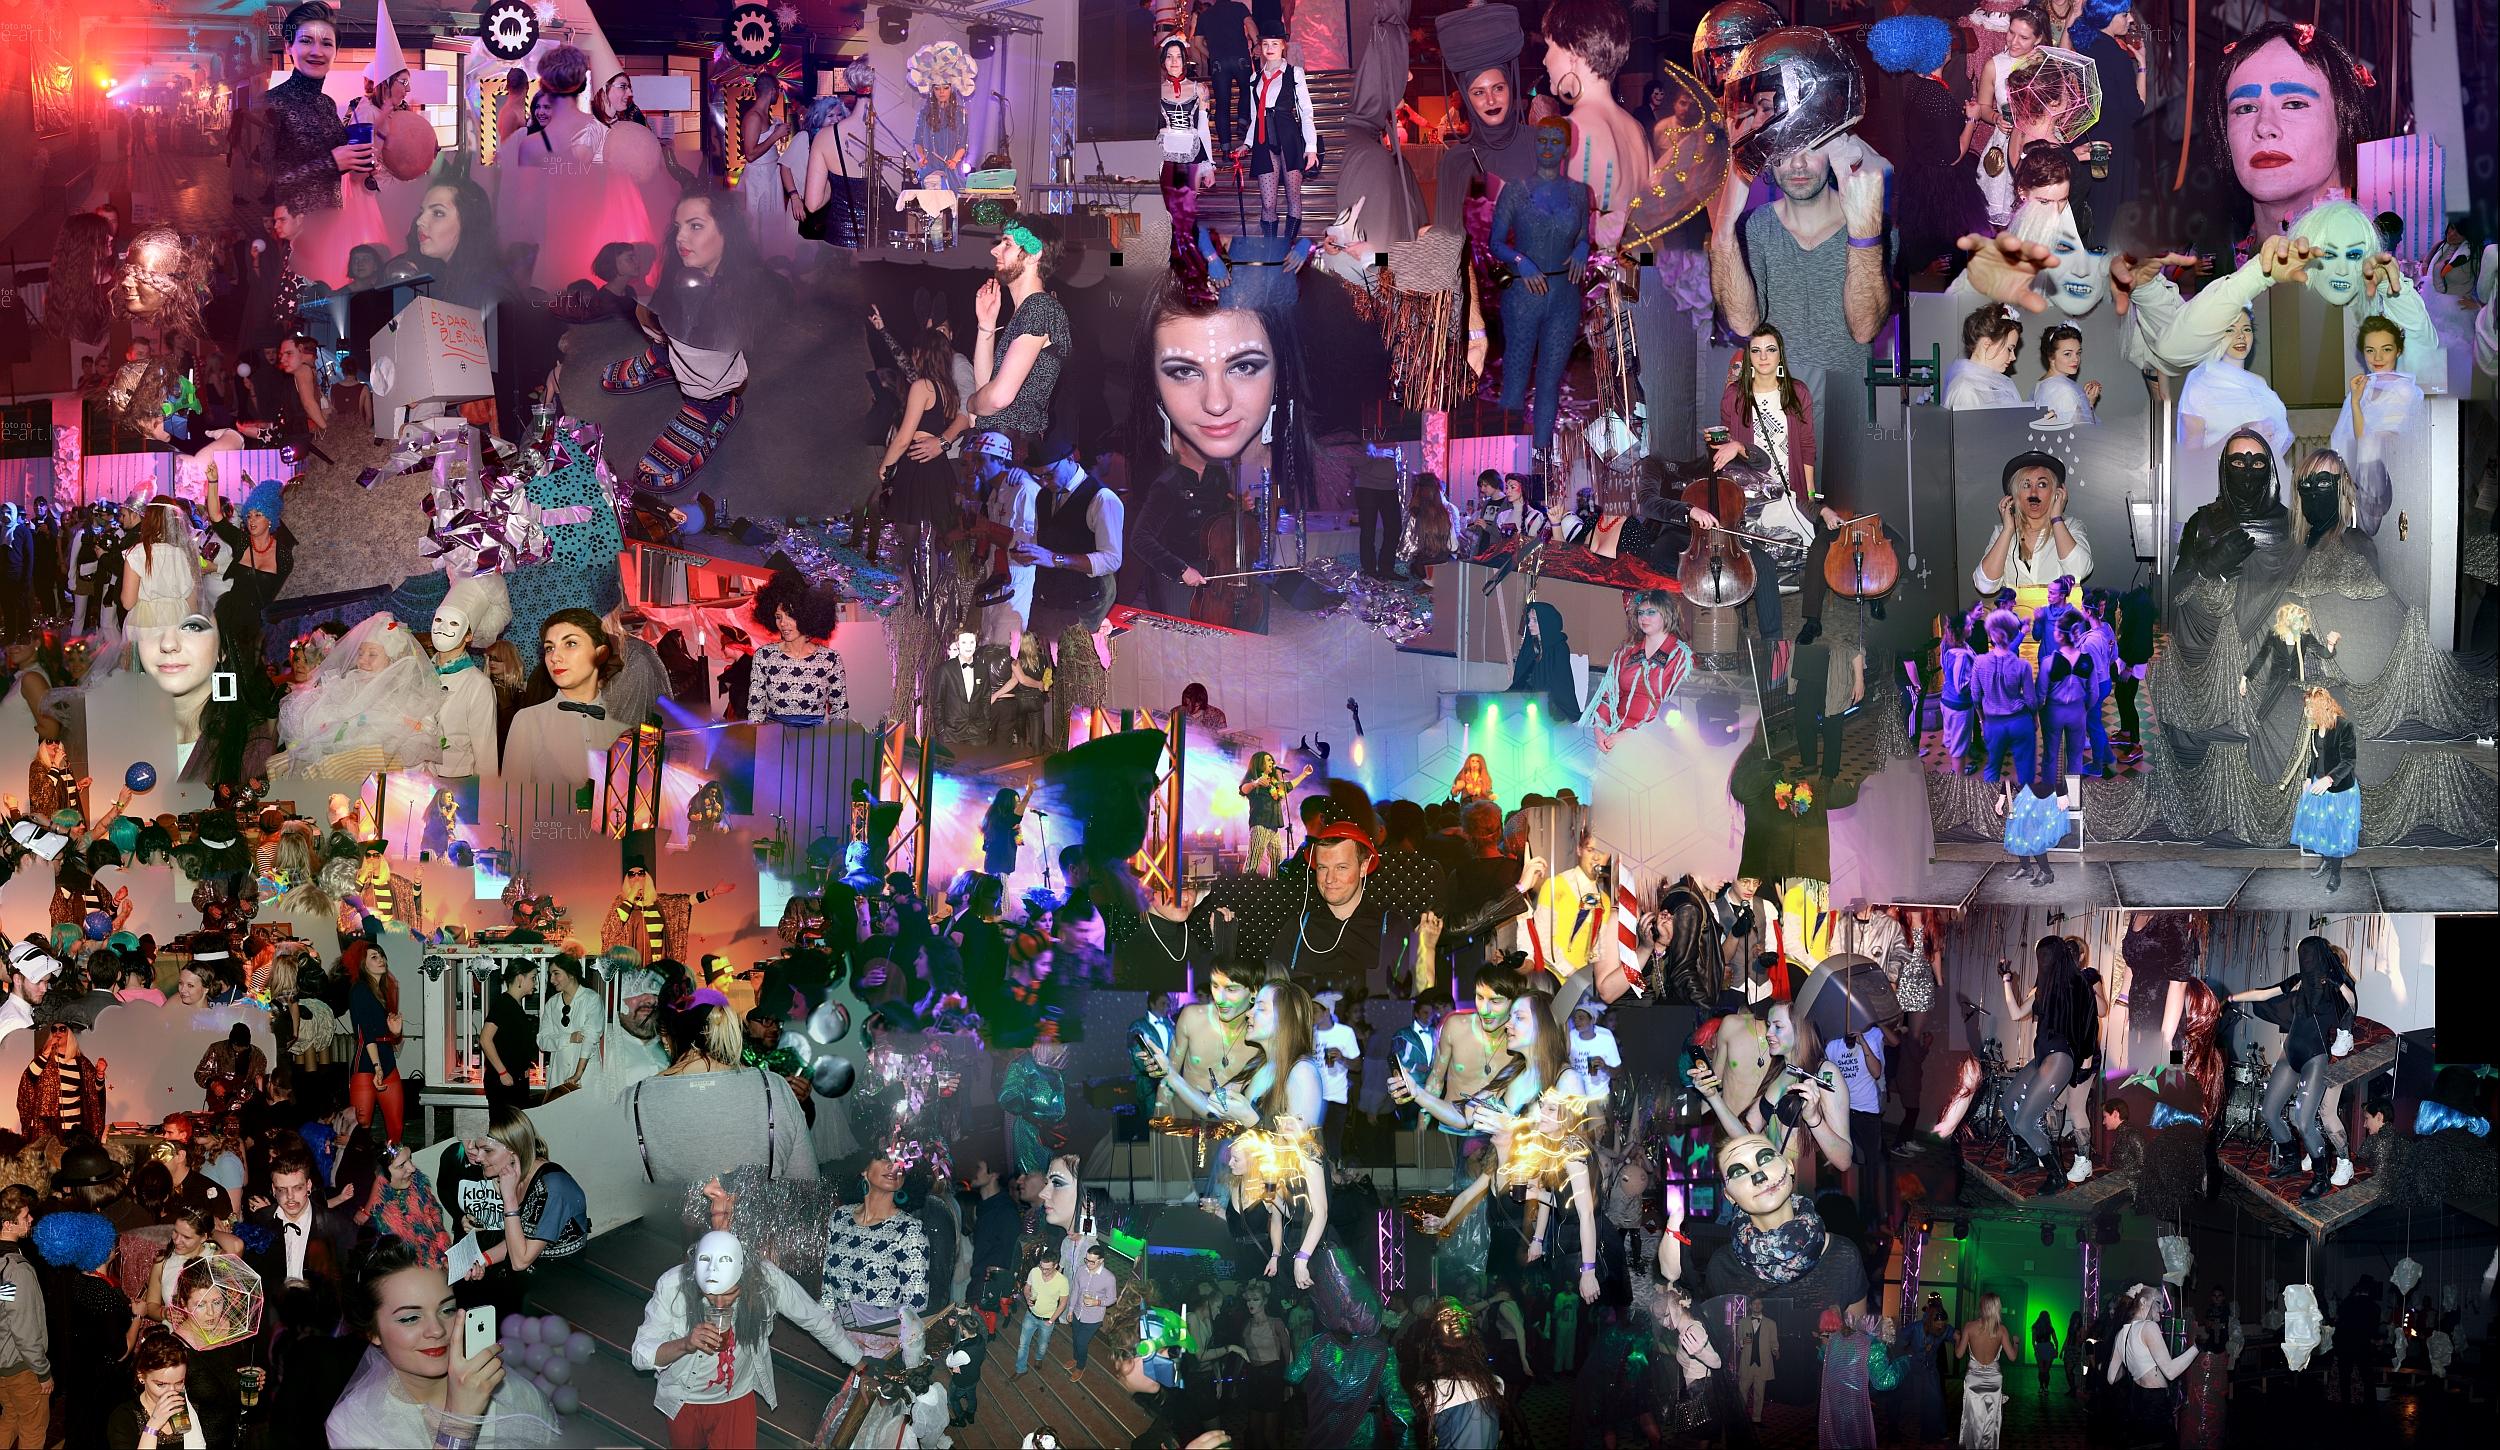 LMA karnevāls 2015 – Klonu kāzas. Megaskats